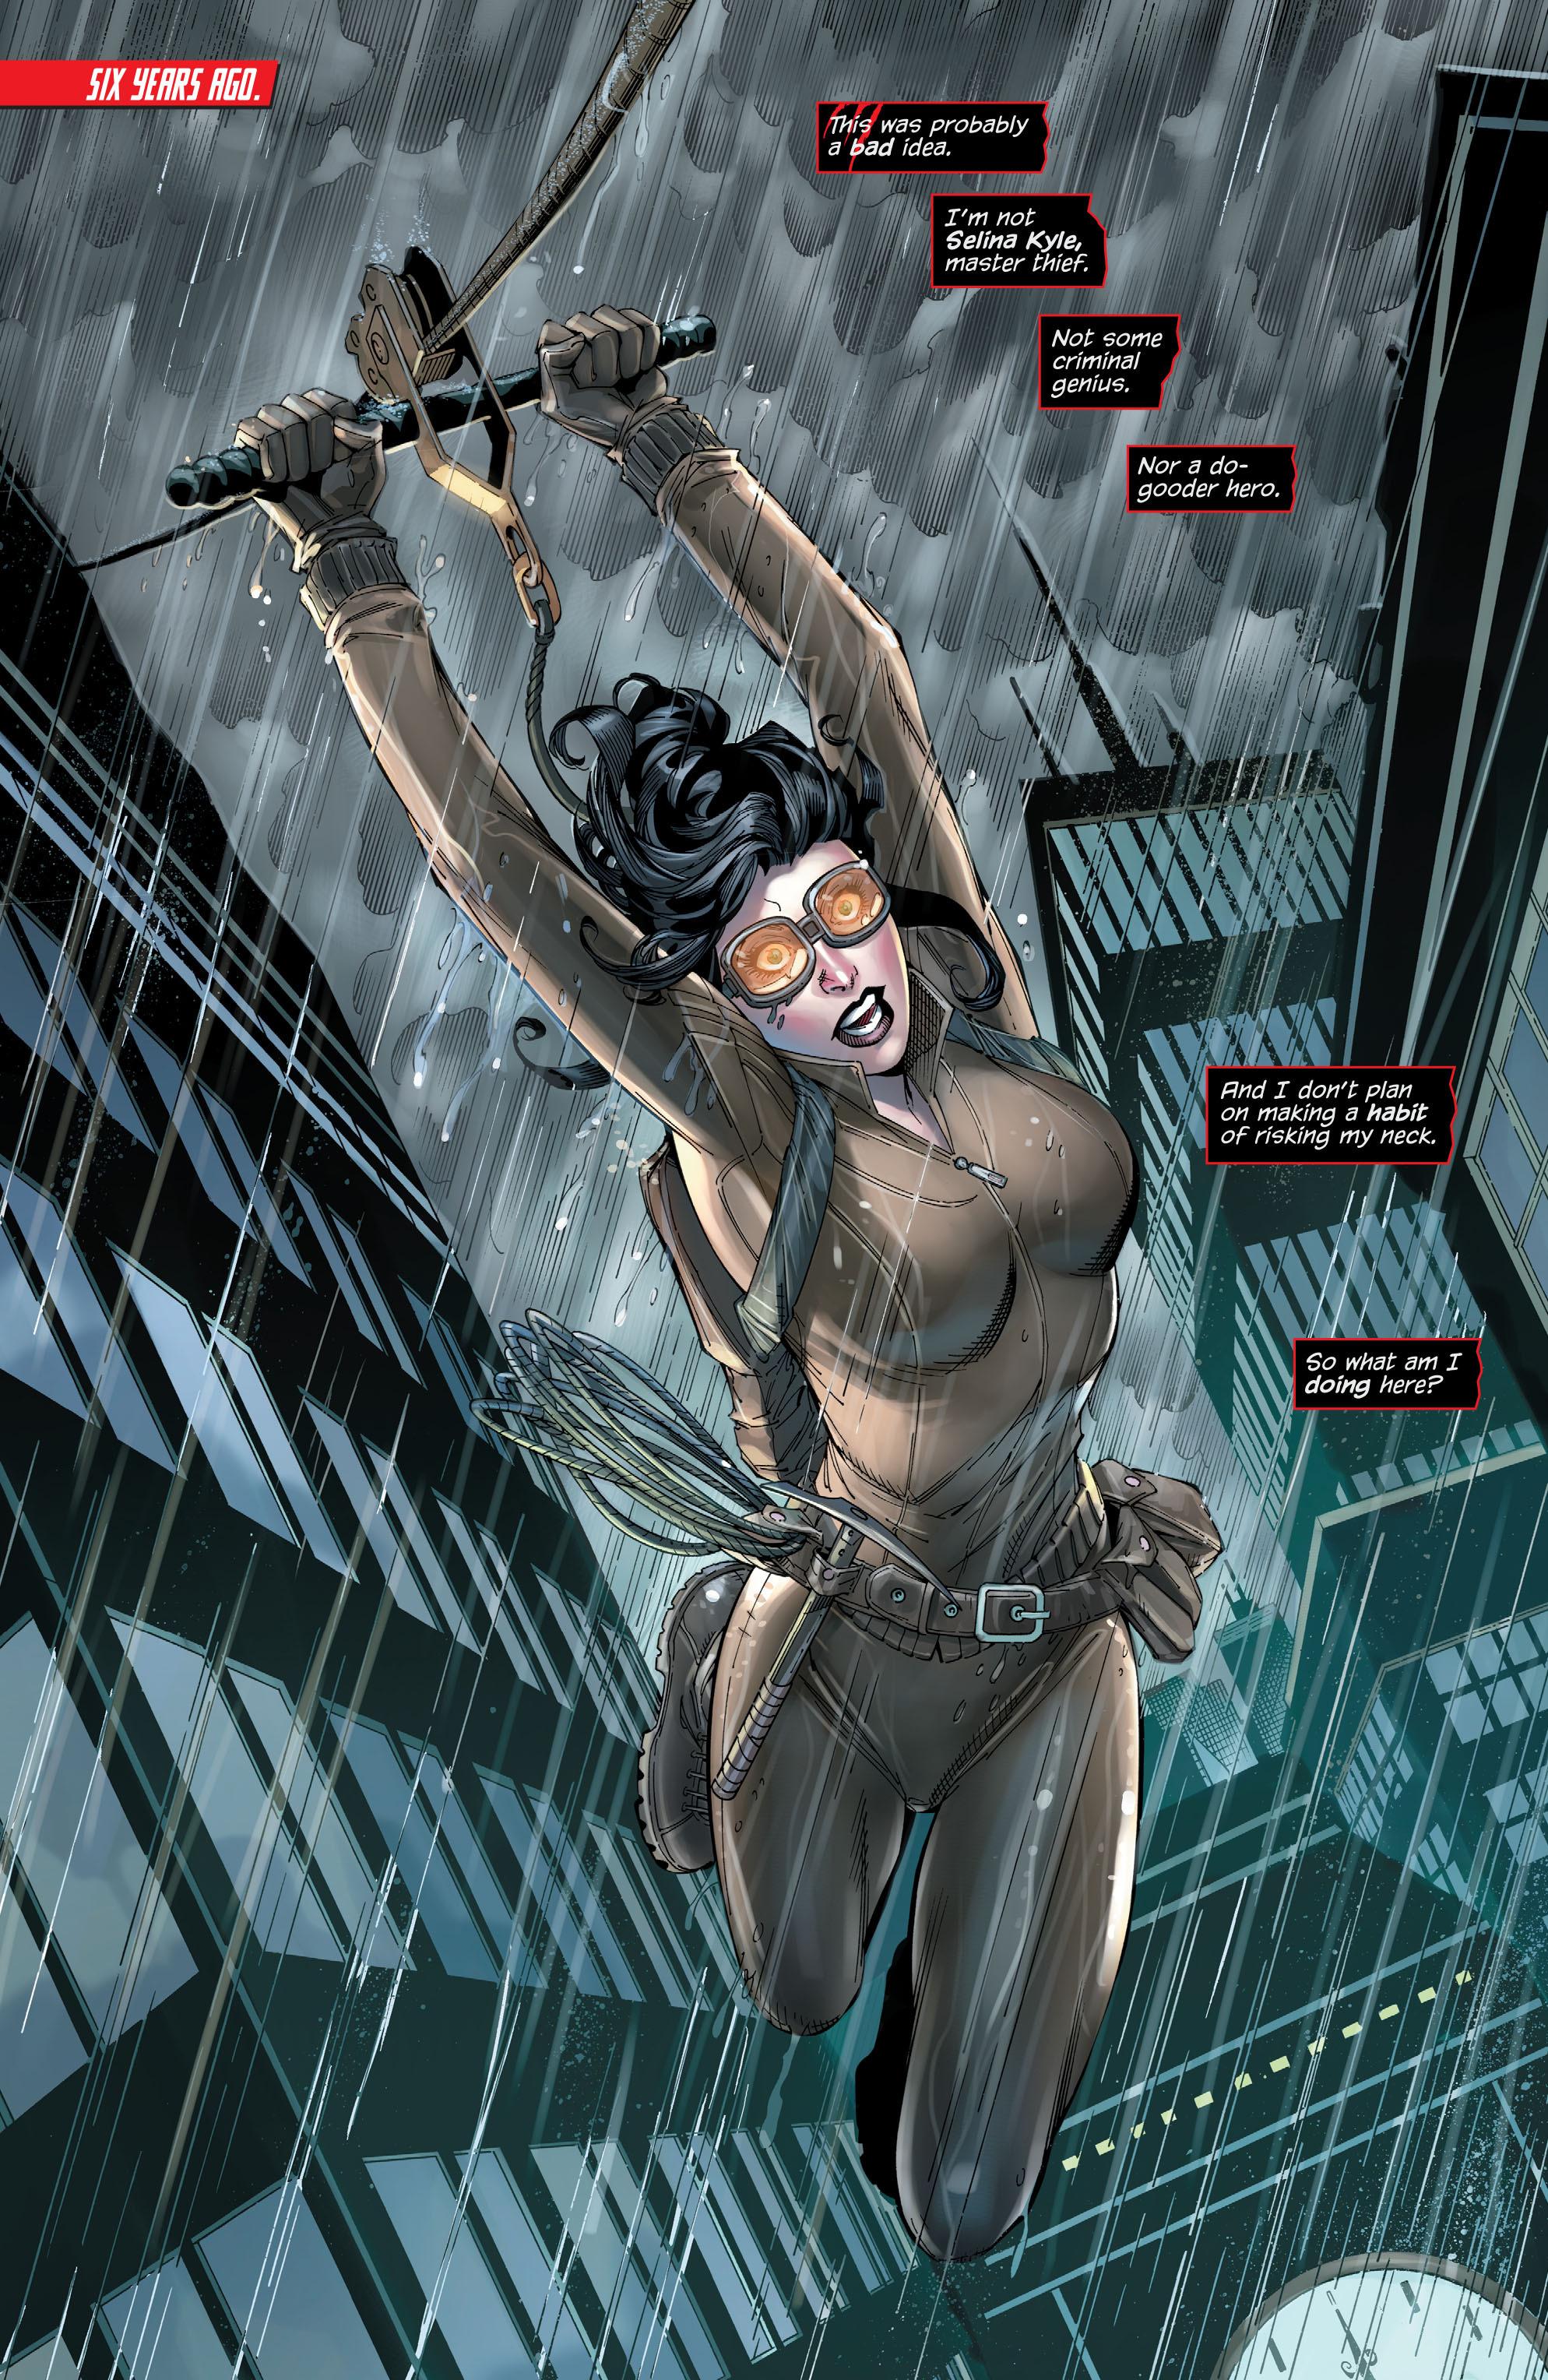 DC Comics: Zero Year chap tpb pic 204